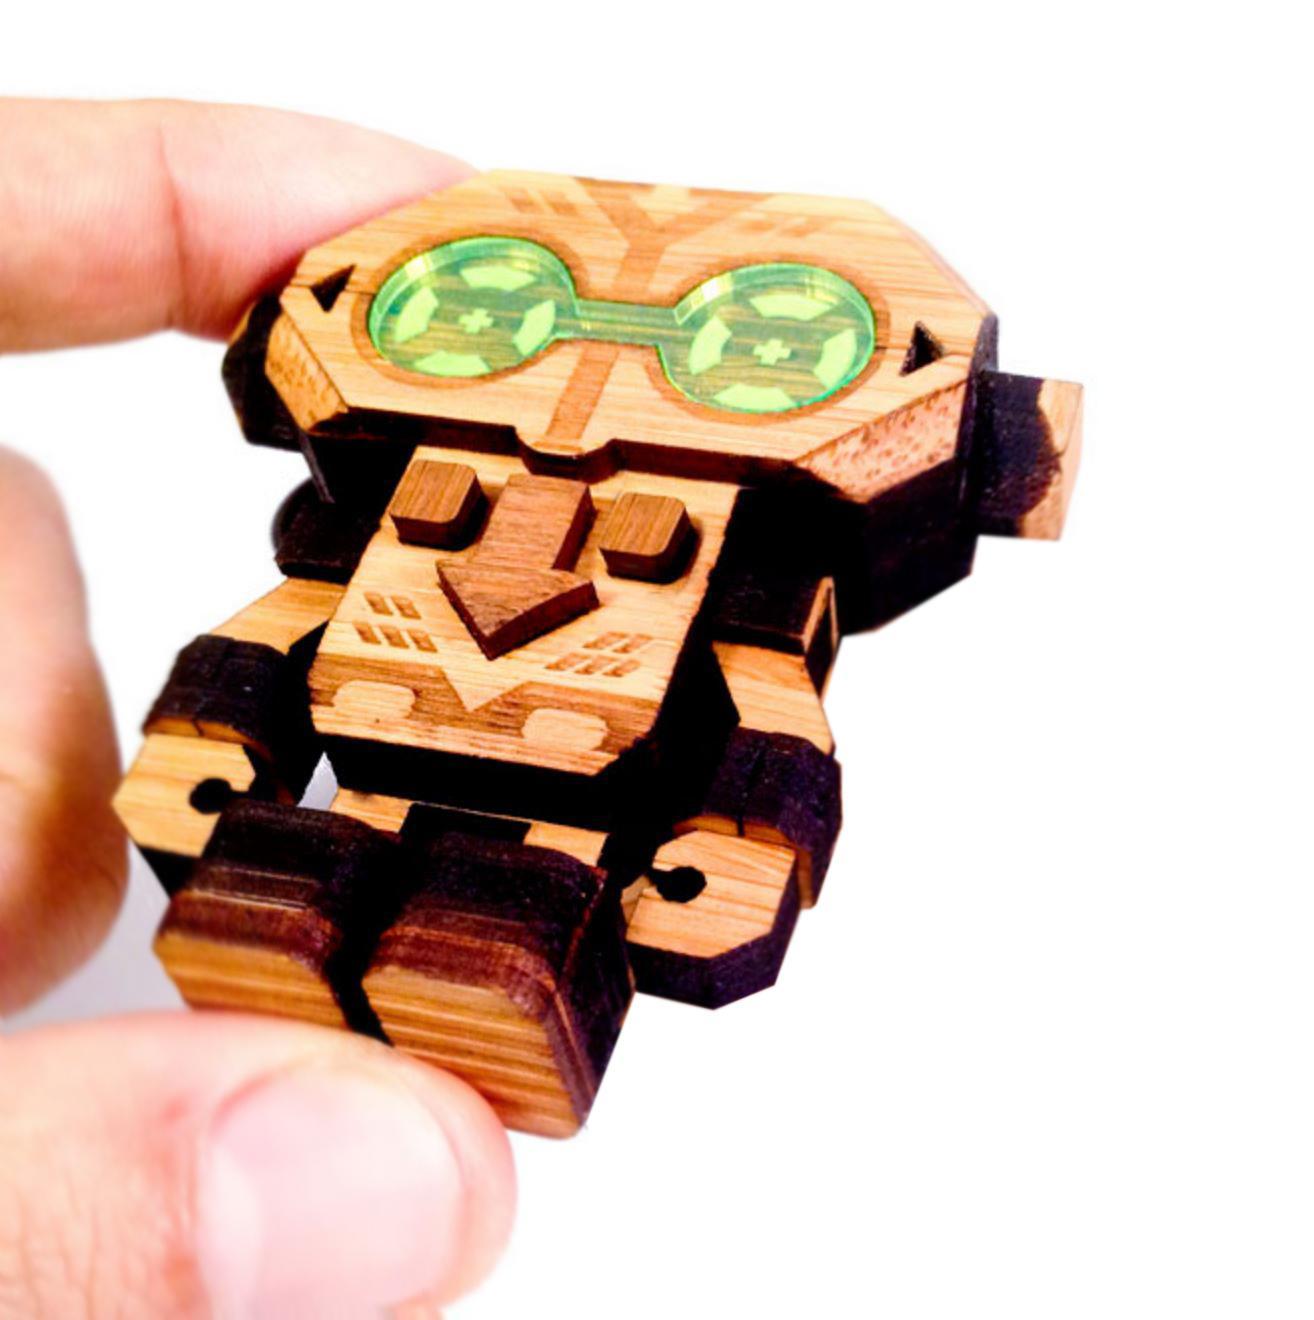 MicroRobo